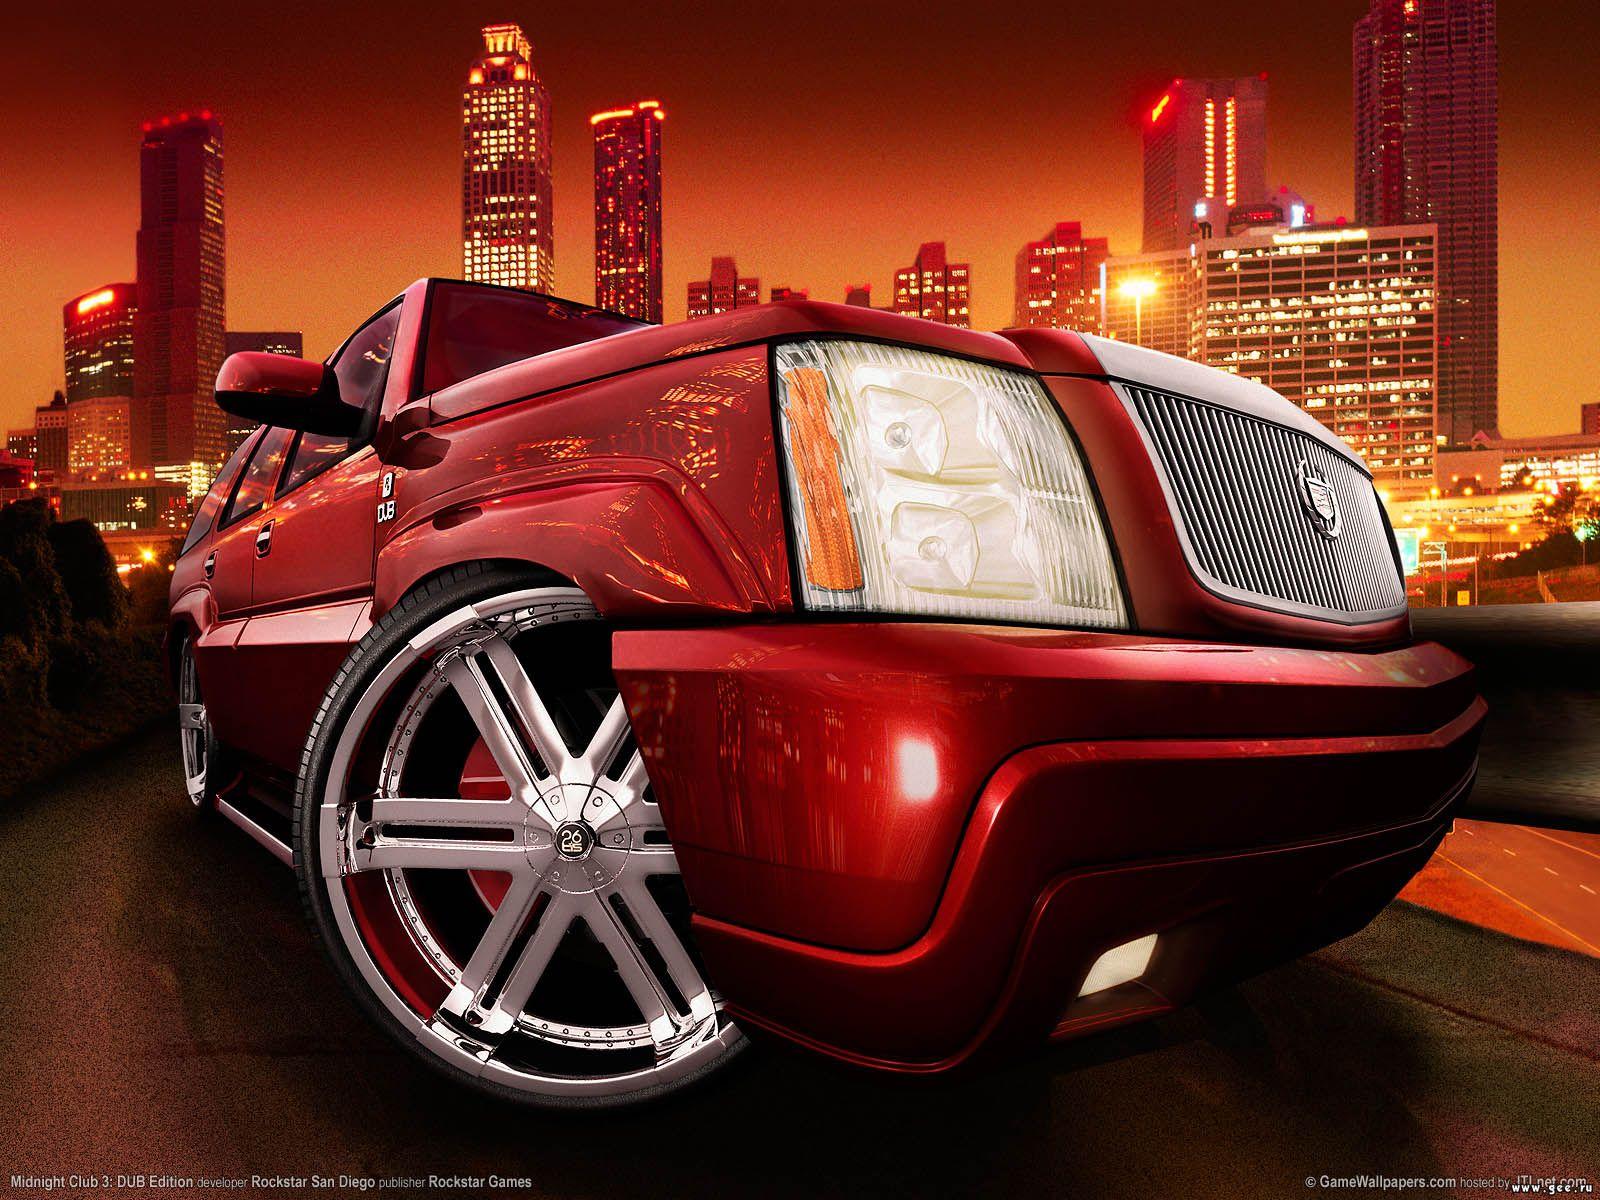 top car wallpapers designer top car wallpapers designer wallpapers 1600x1200